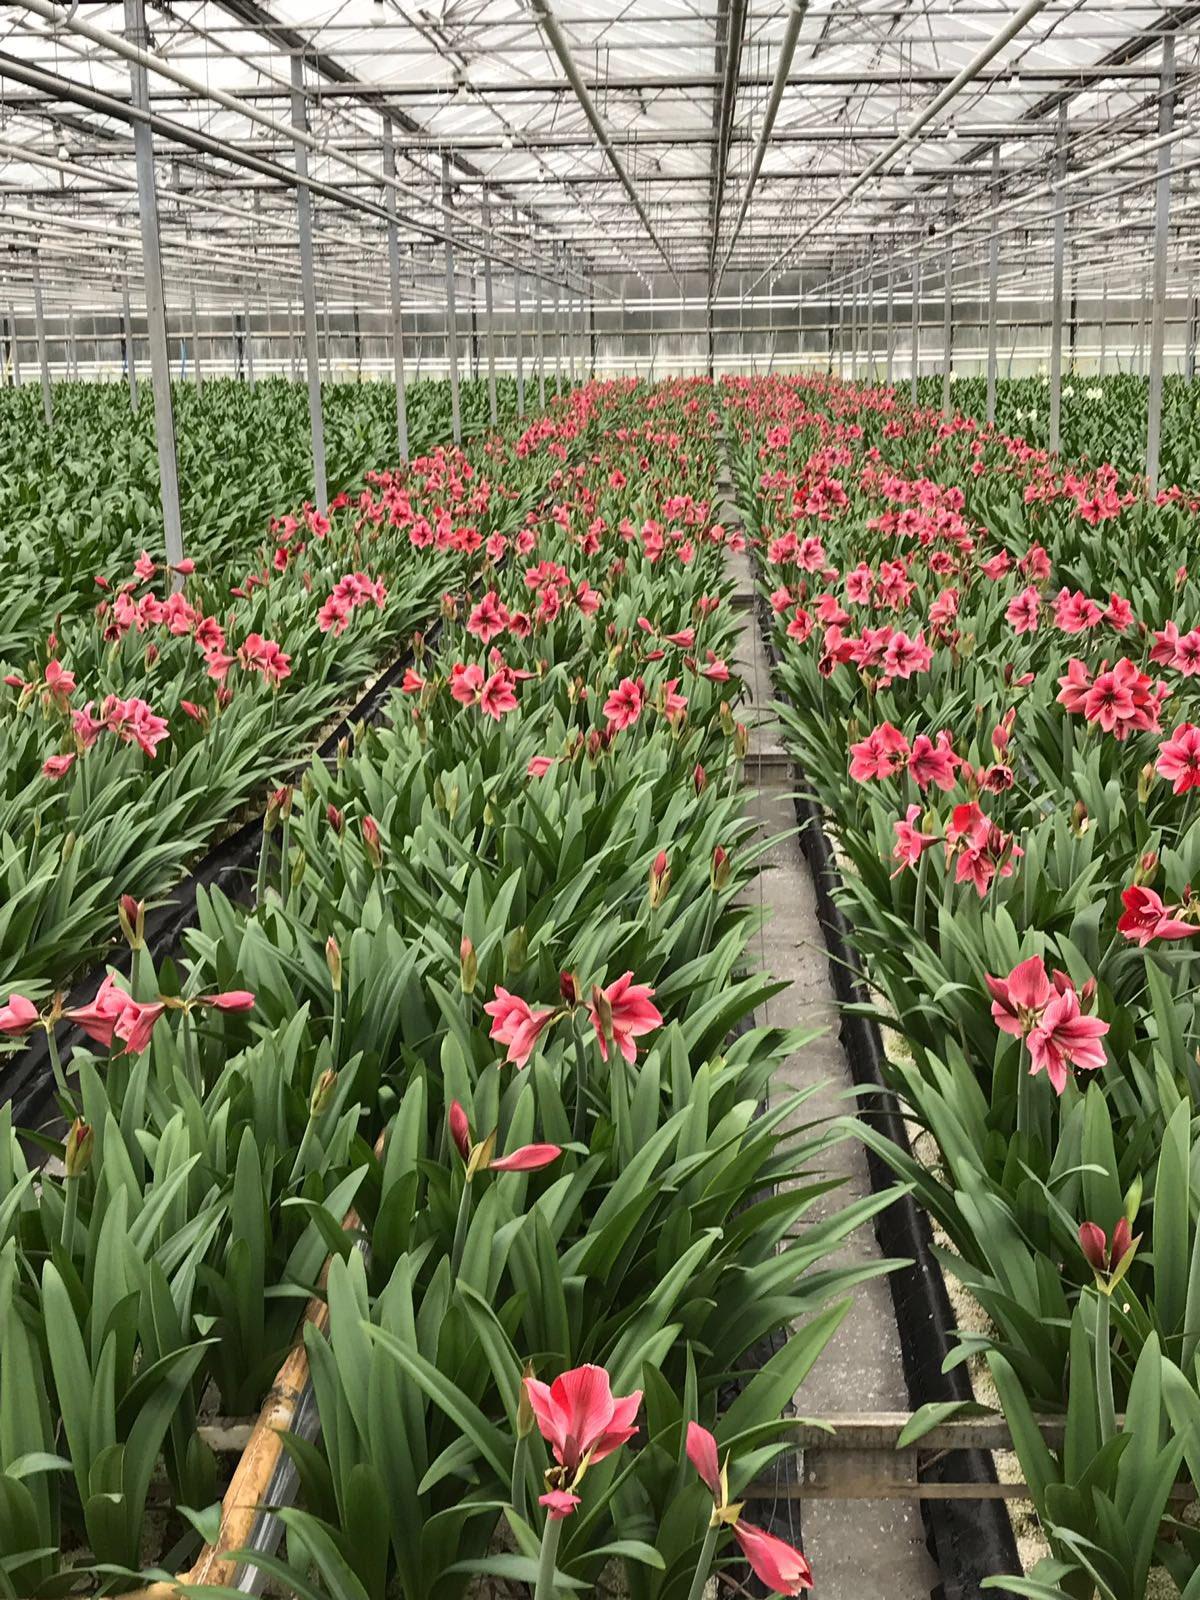 Kijk hoe mooi de amaryllissen er bij staan bij Kwekerij de Bergakker!!Zondag 8 april kun je ze zelf bezichtigen 😄#komindekas#lingewaard https://t.co/PCJAHw9aG4